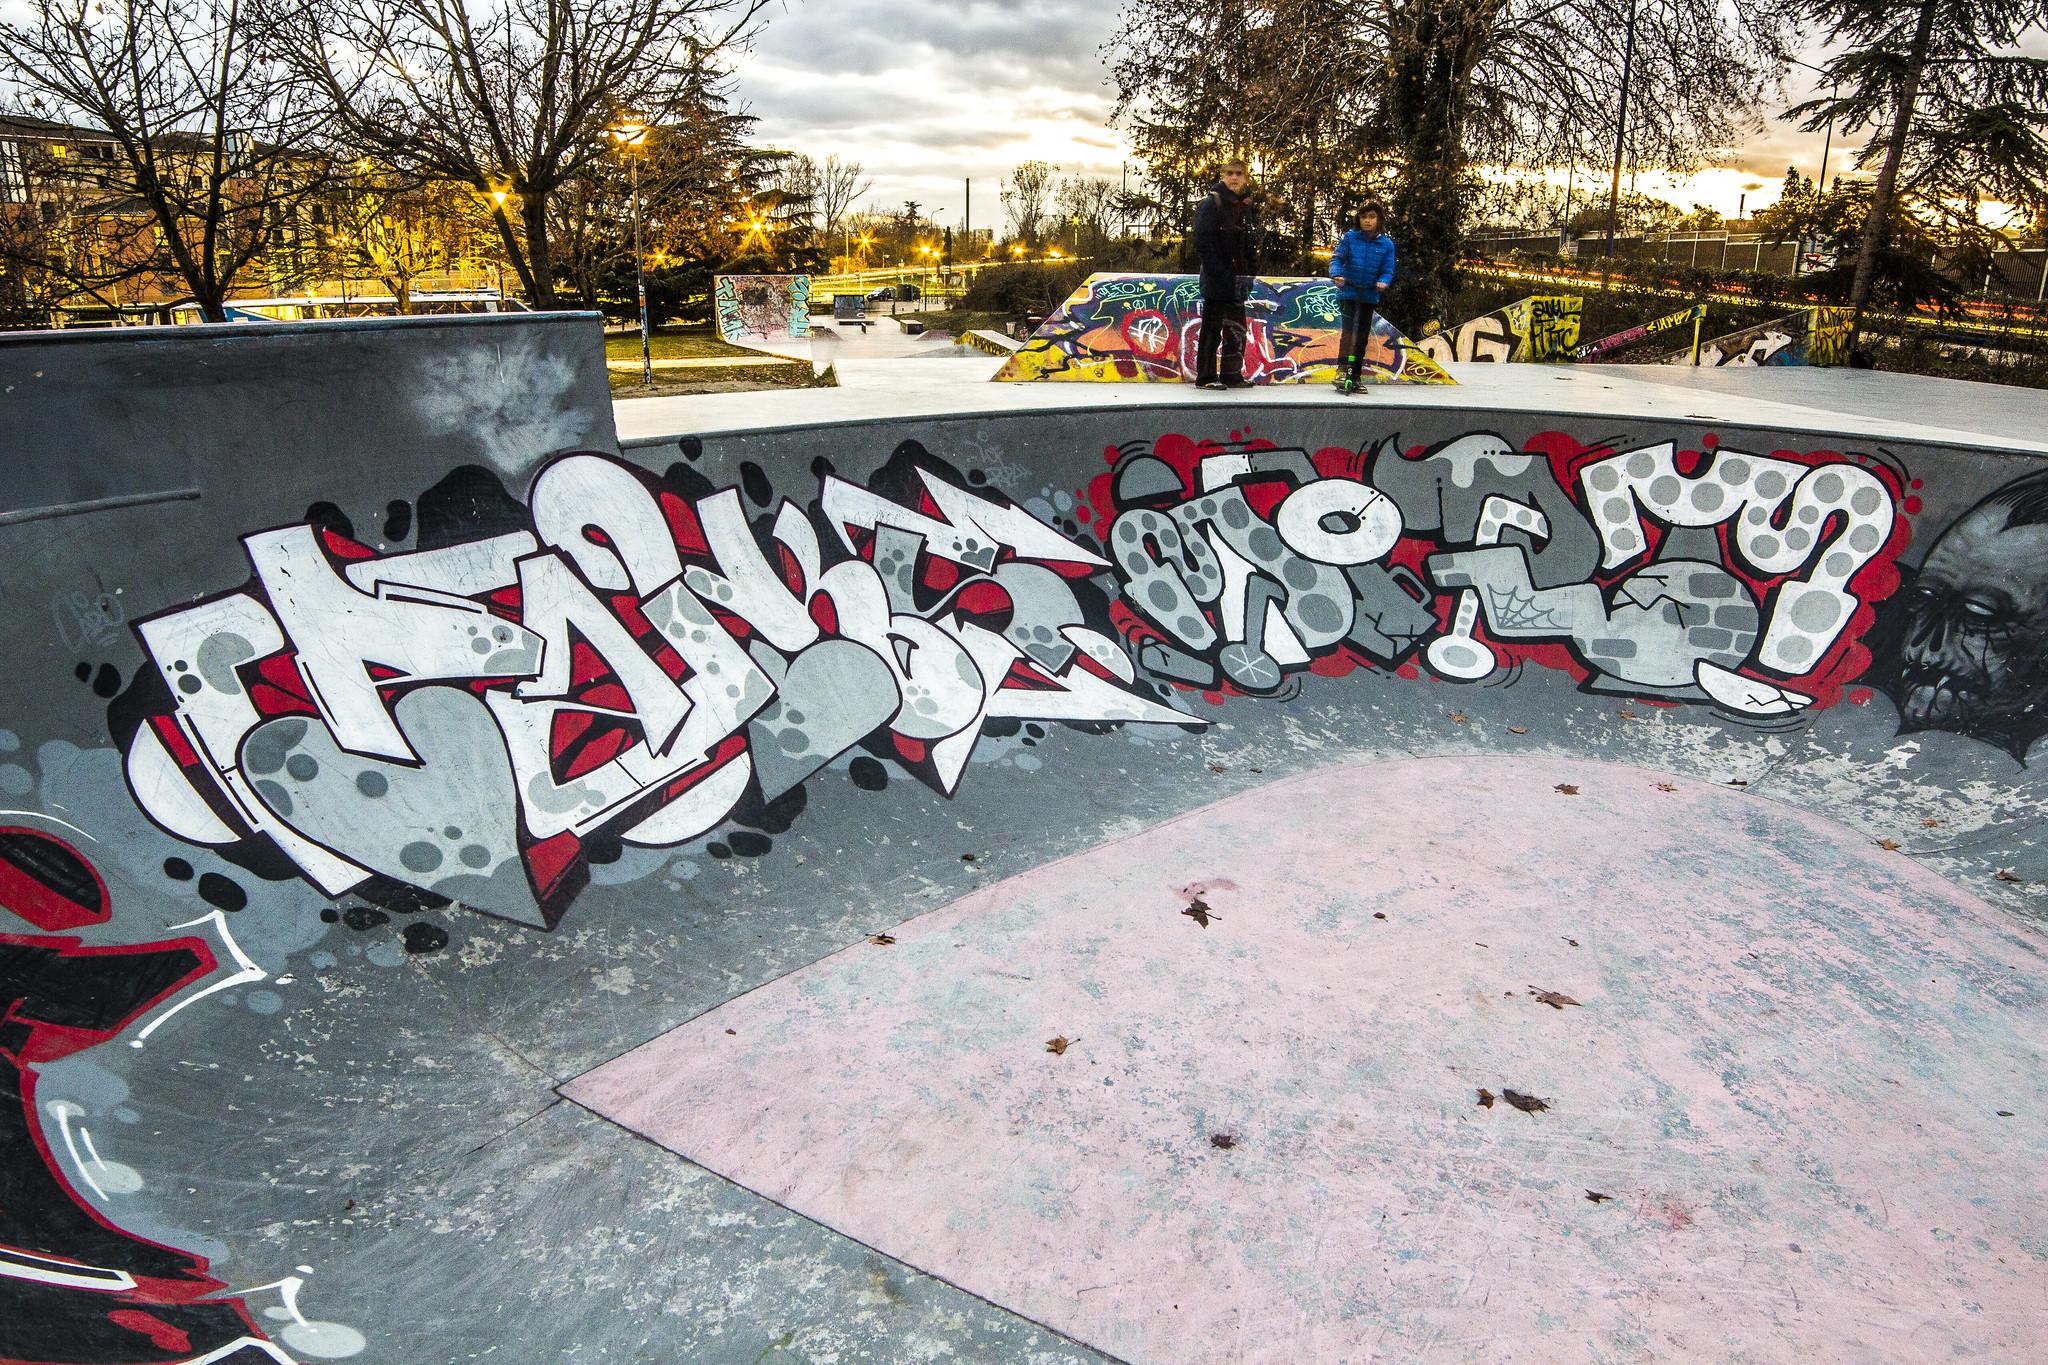 panks graffiti